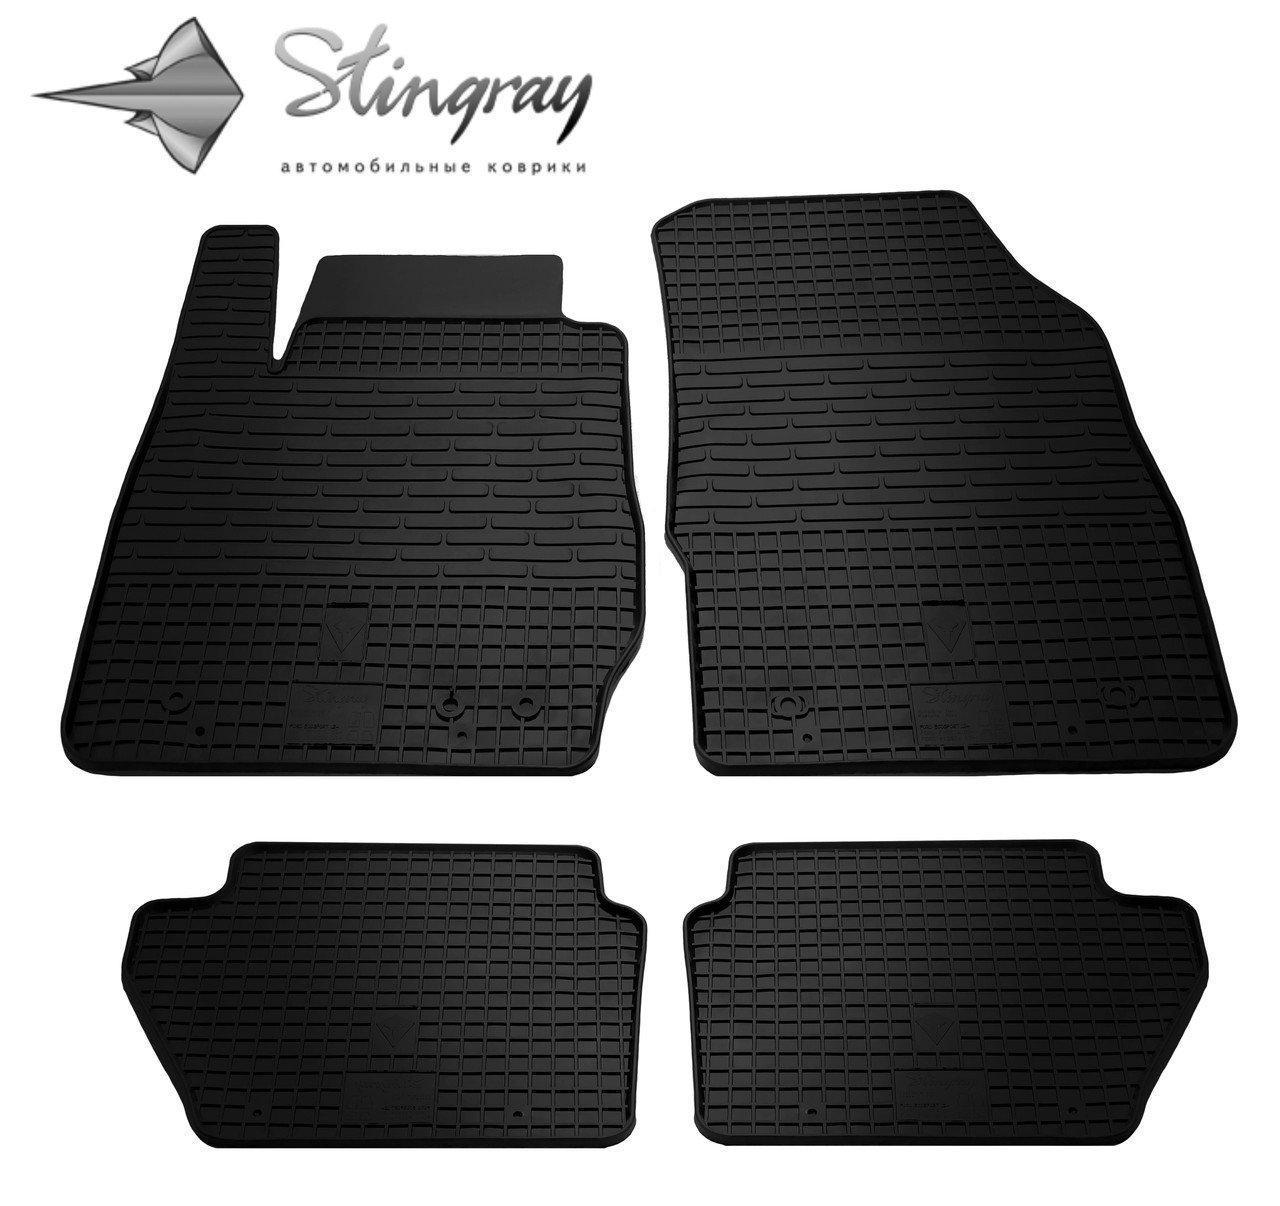 Автомобільні килимки на Ford Fiesta 2013-2017 Stingray